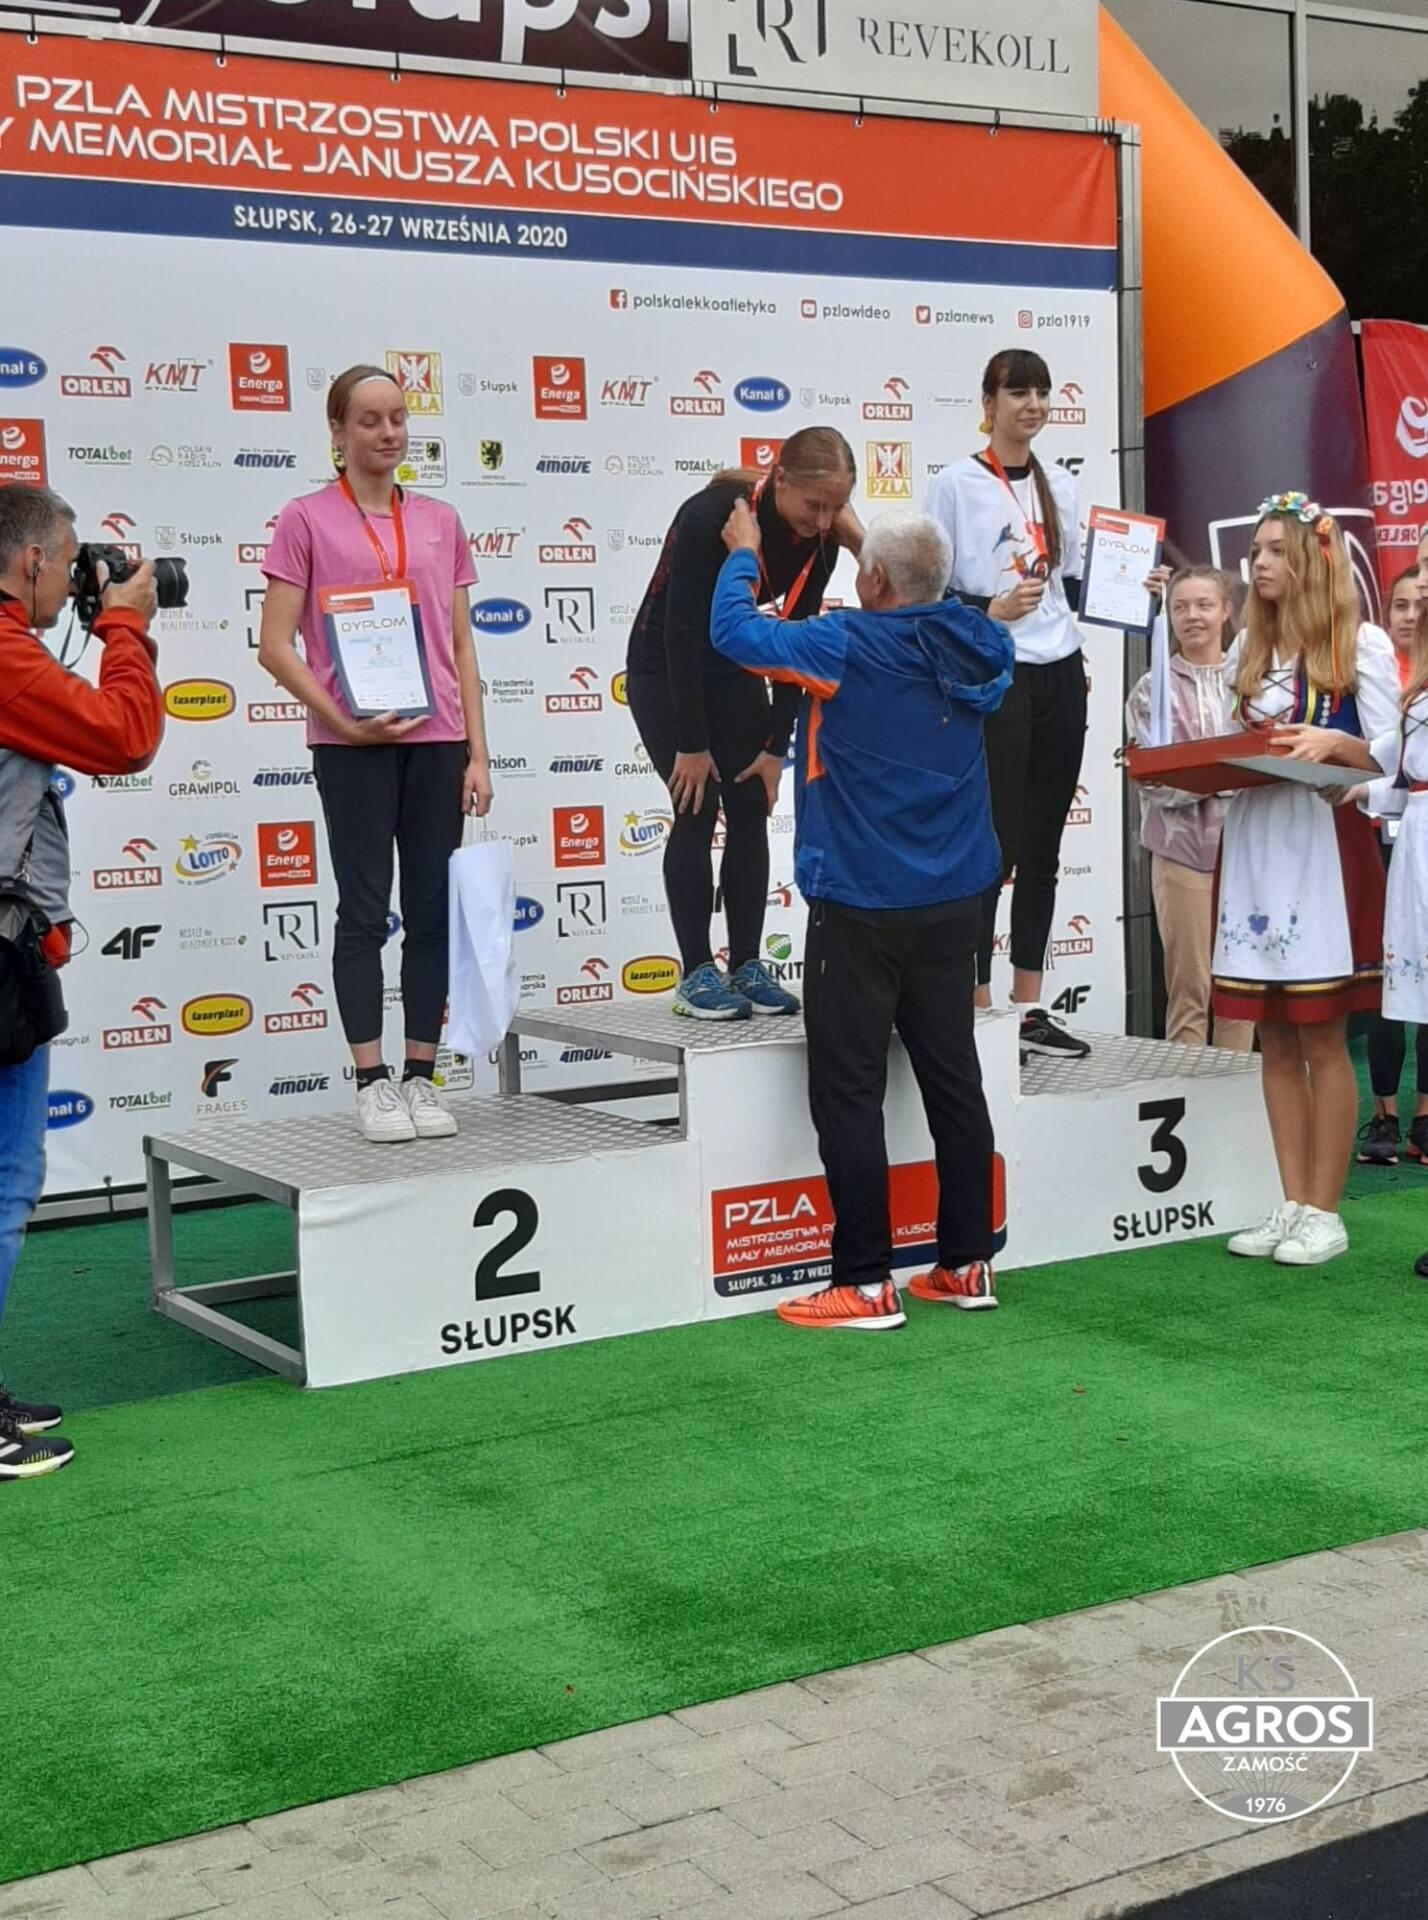 120316337 375652593442437 7083652979612916089 n Szybka jak błyskawica. Zamojska sprinterka - Martyna Seń pobiła rekord Polski!